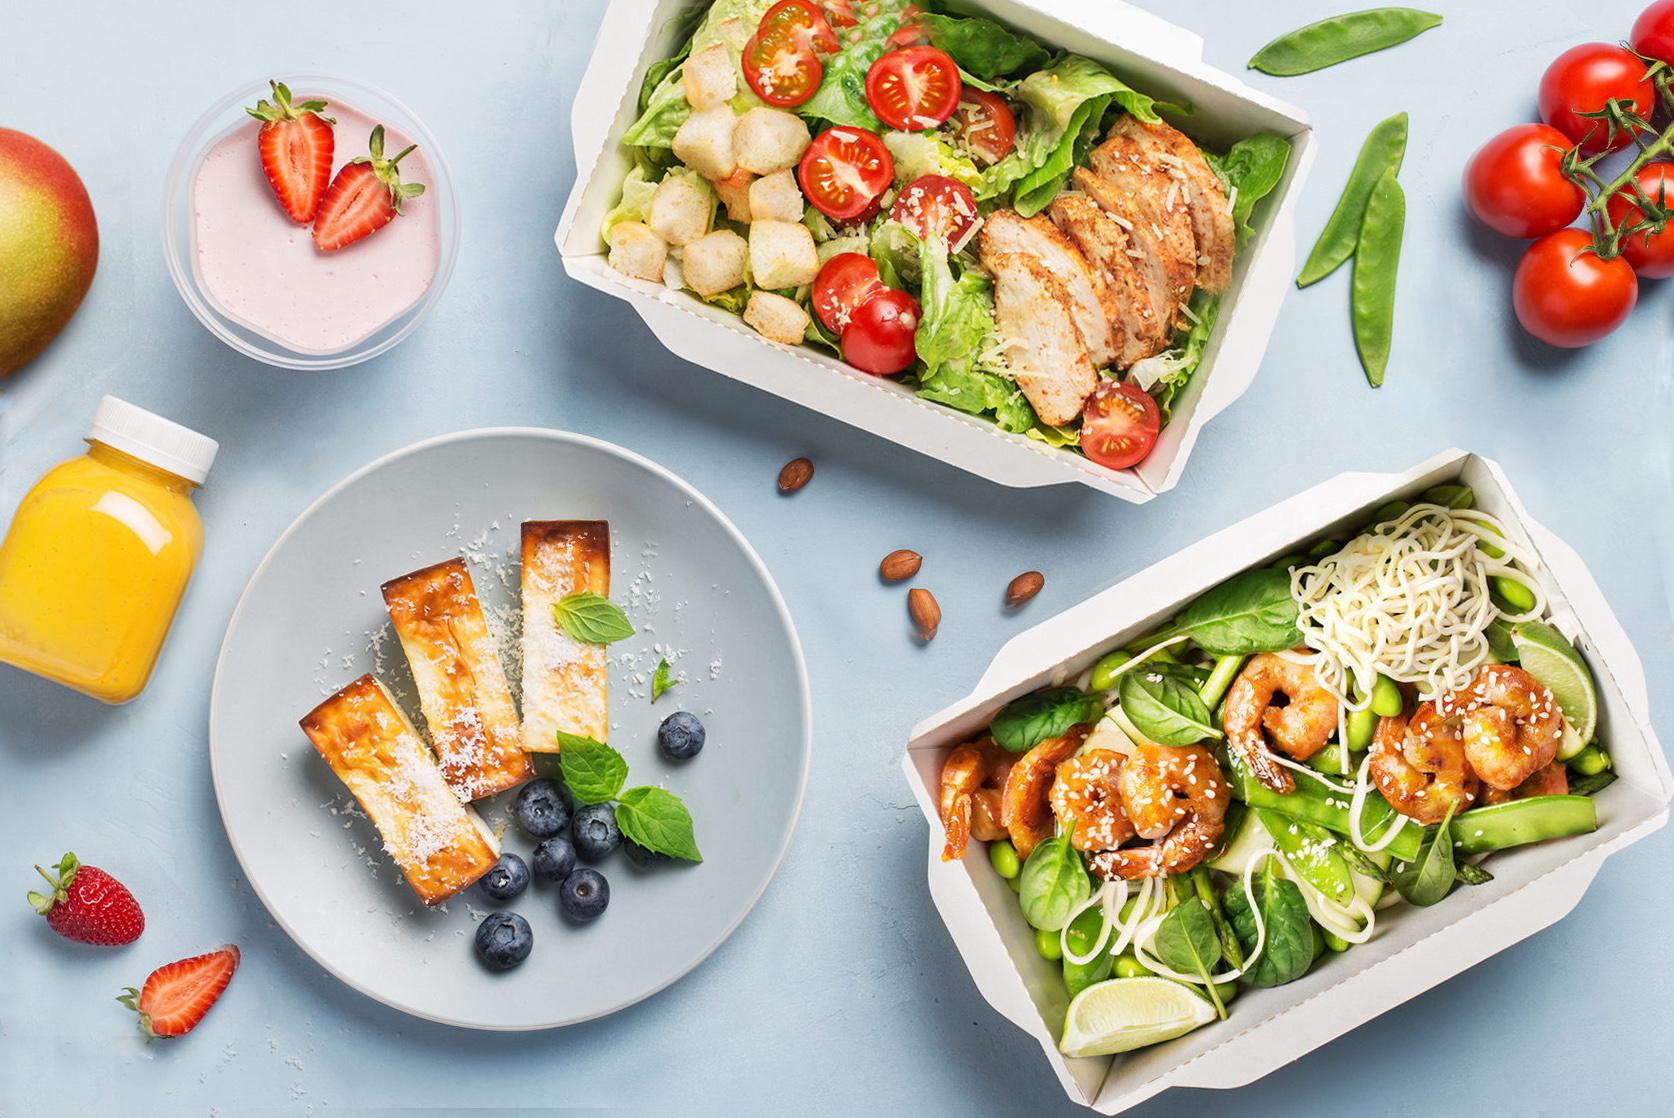 Рейтинг диет для здорового питания 2016